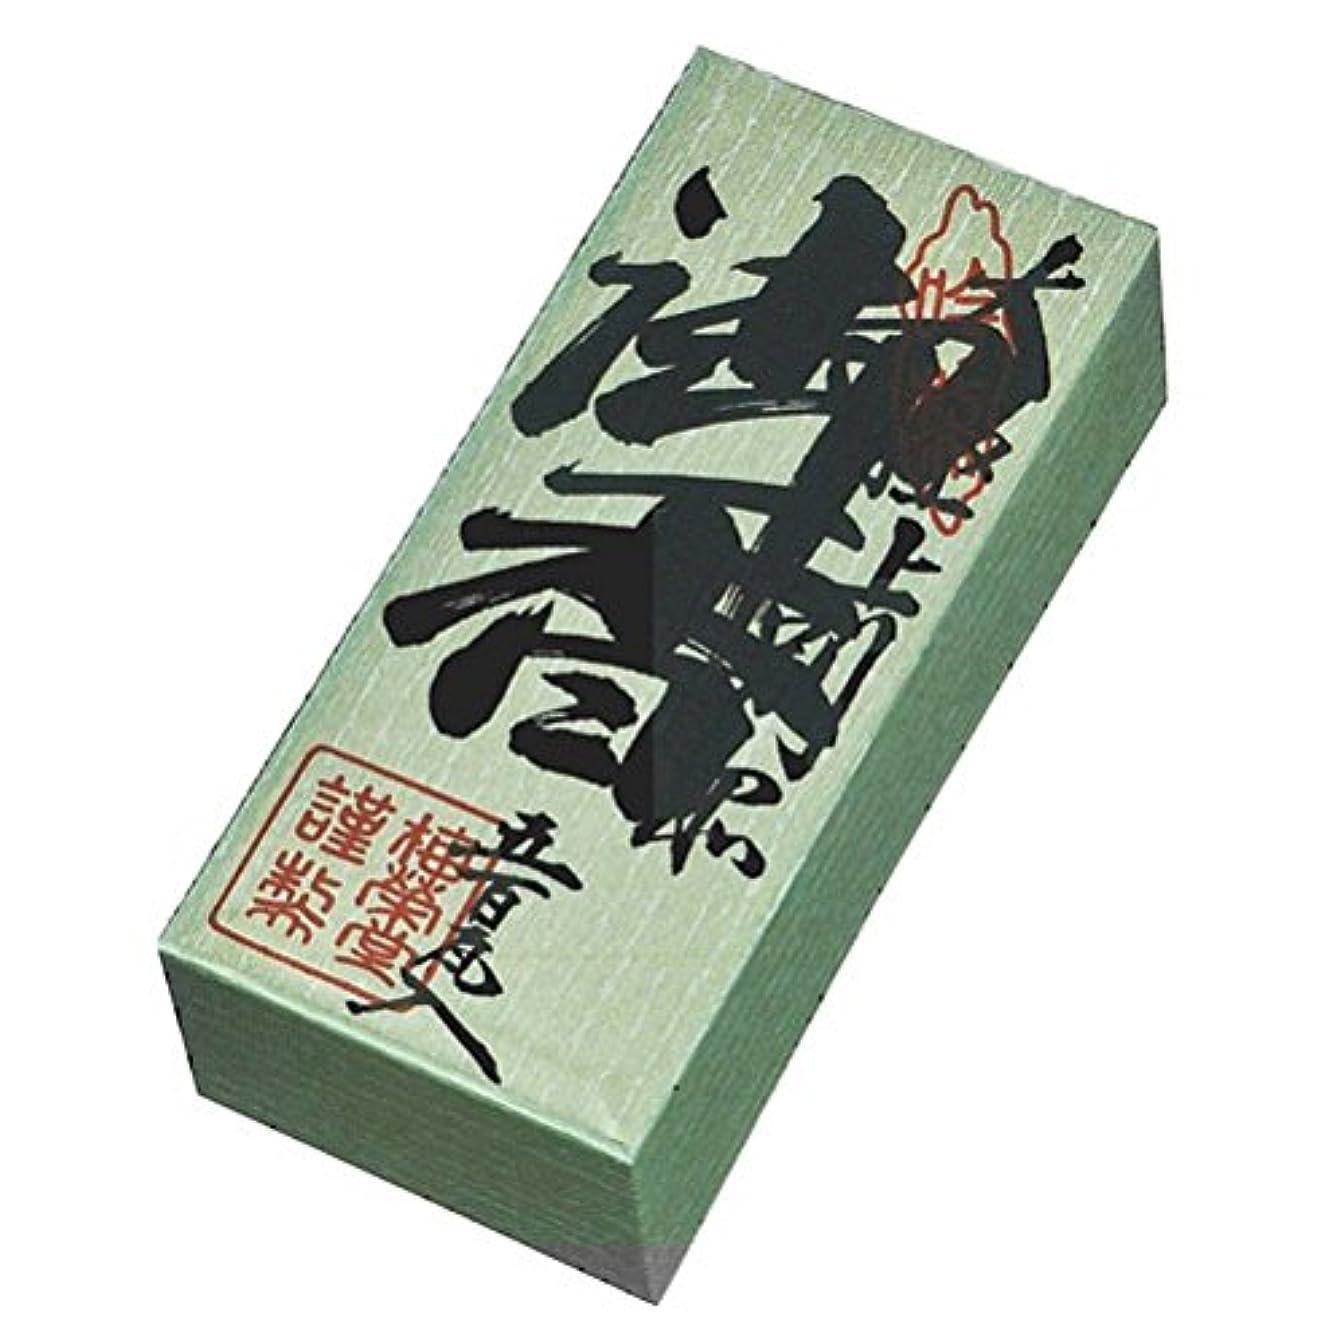 雪病許される崇徳印 500g 紙箱入り お焼香 梅栄堂